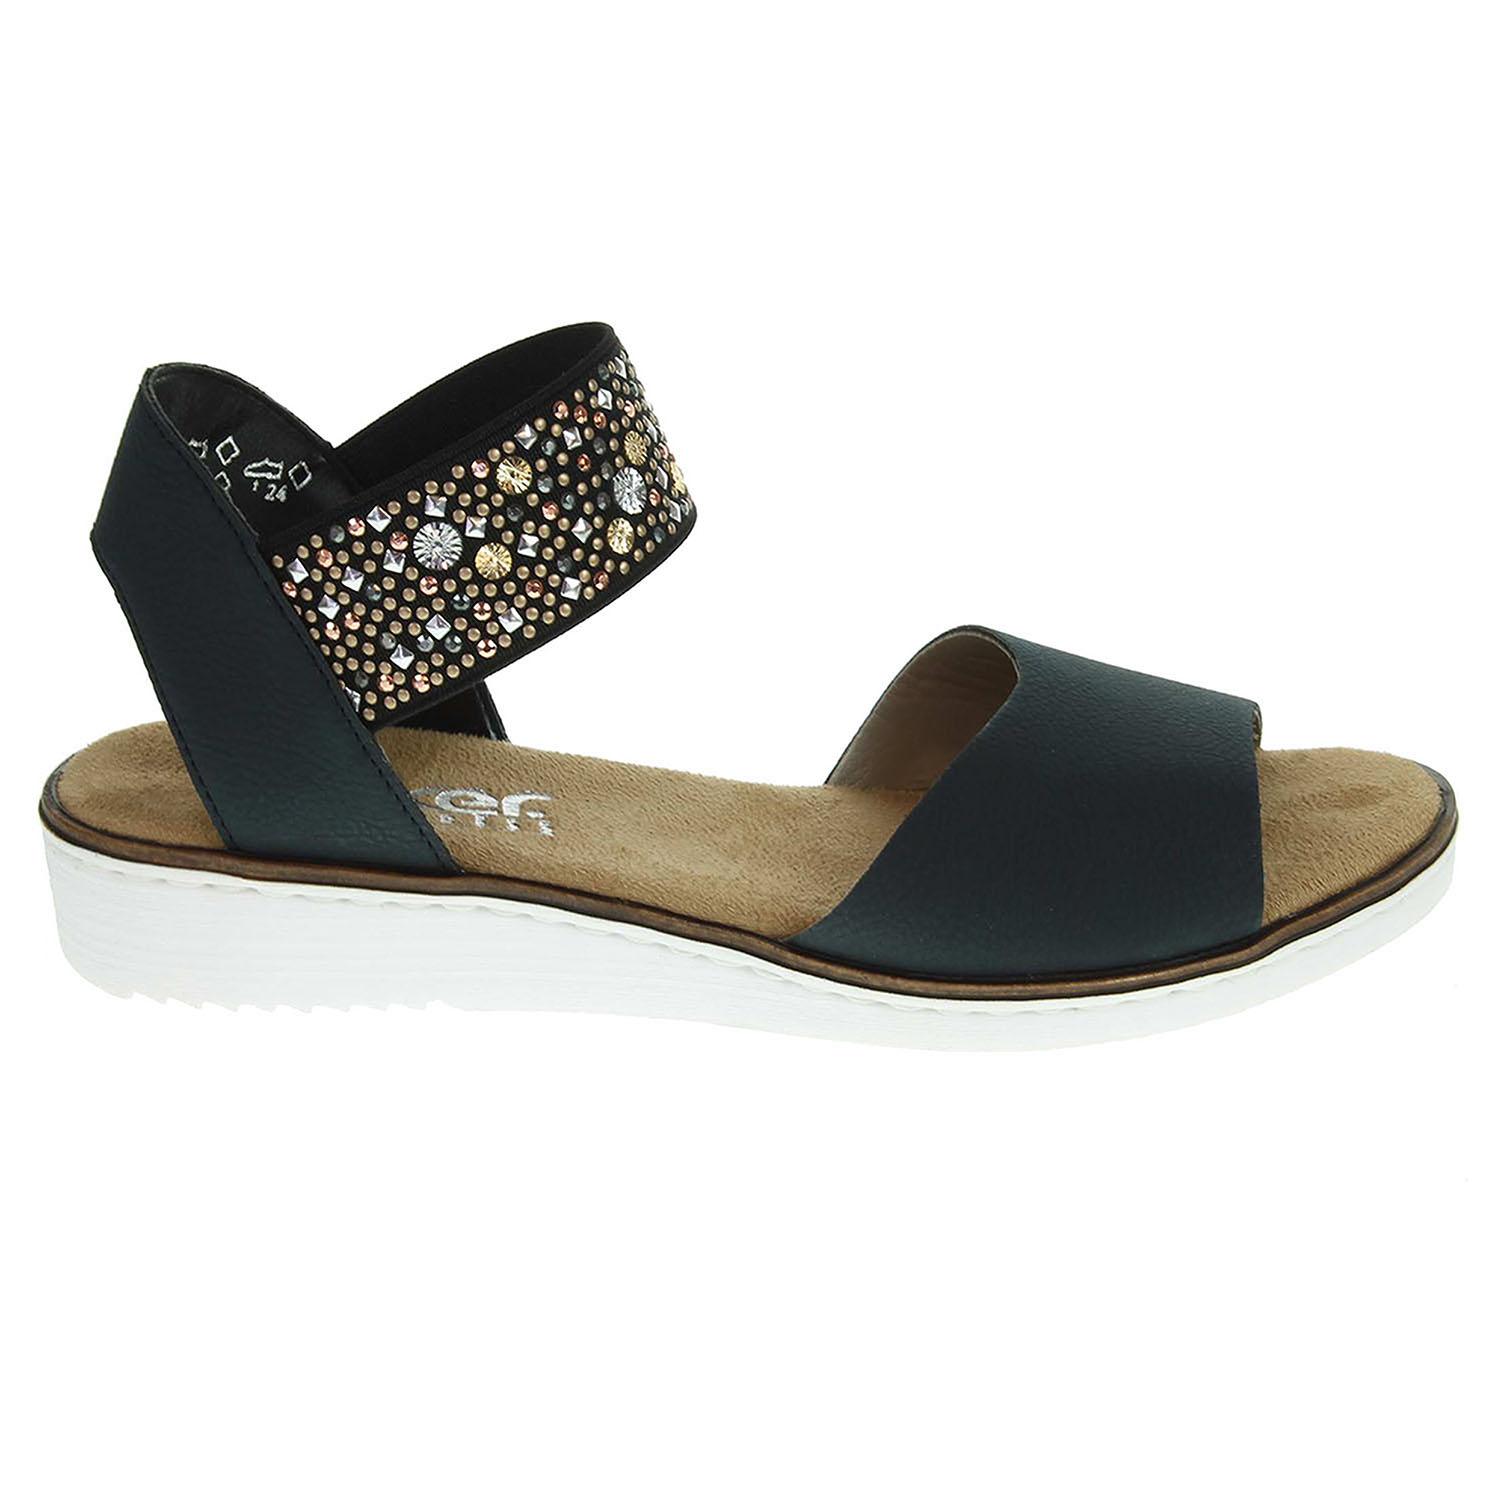 Ecco Rieker dámské sandály 63678-14 modré 23801041